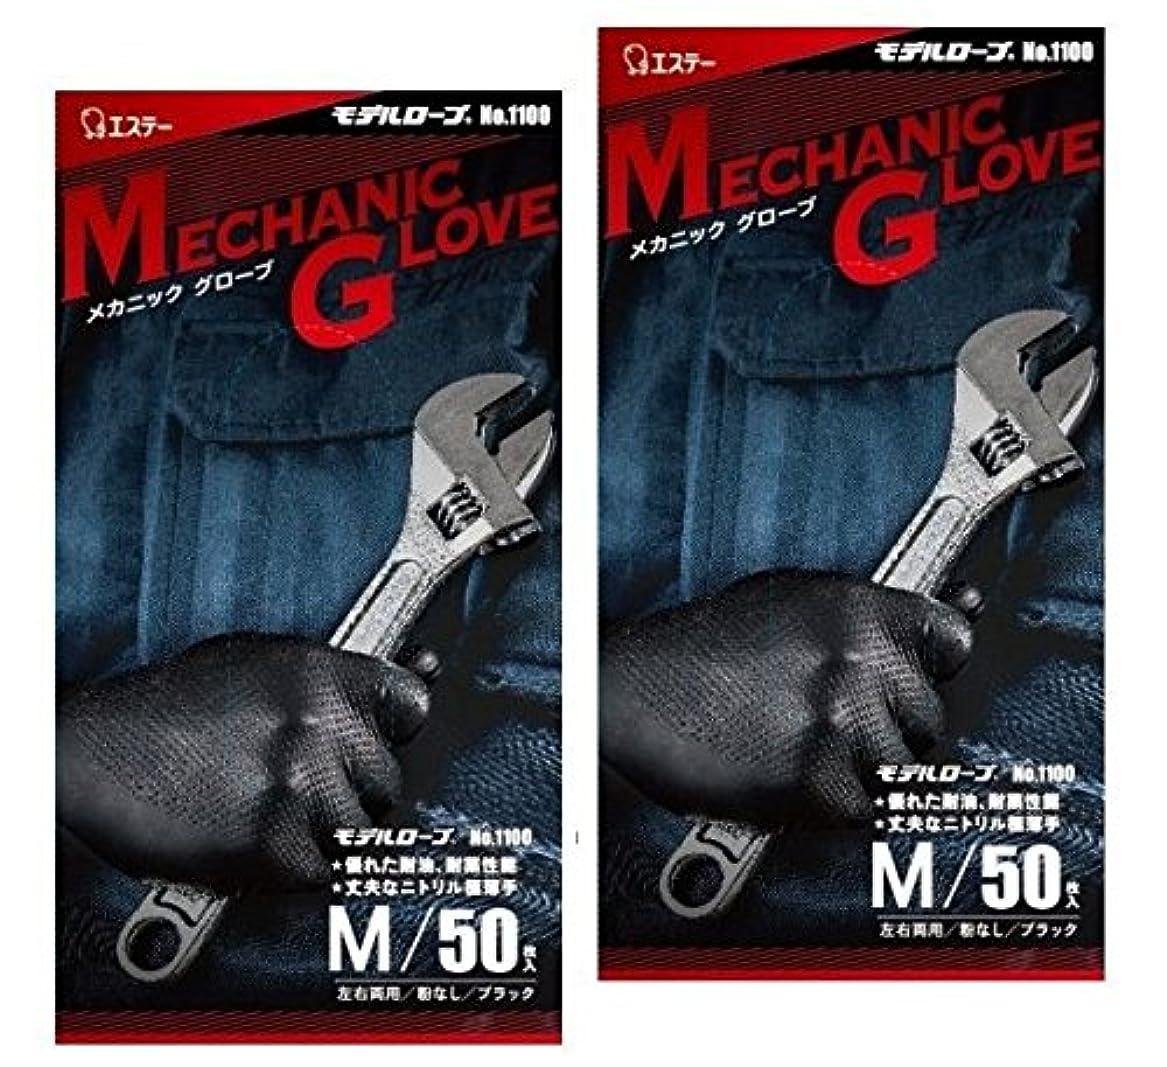 大破材料正午【2箱組】モデルローブ No.1100 メカニックグローブ Mサイズ ブラック 50枚